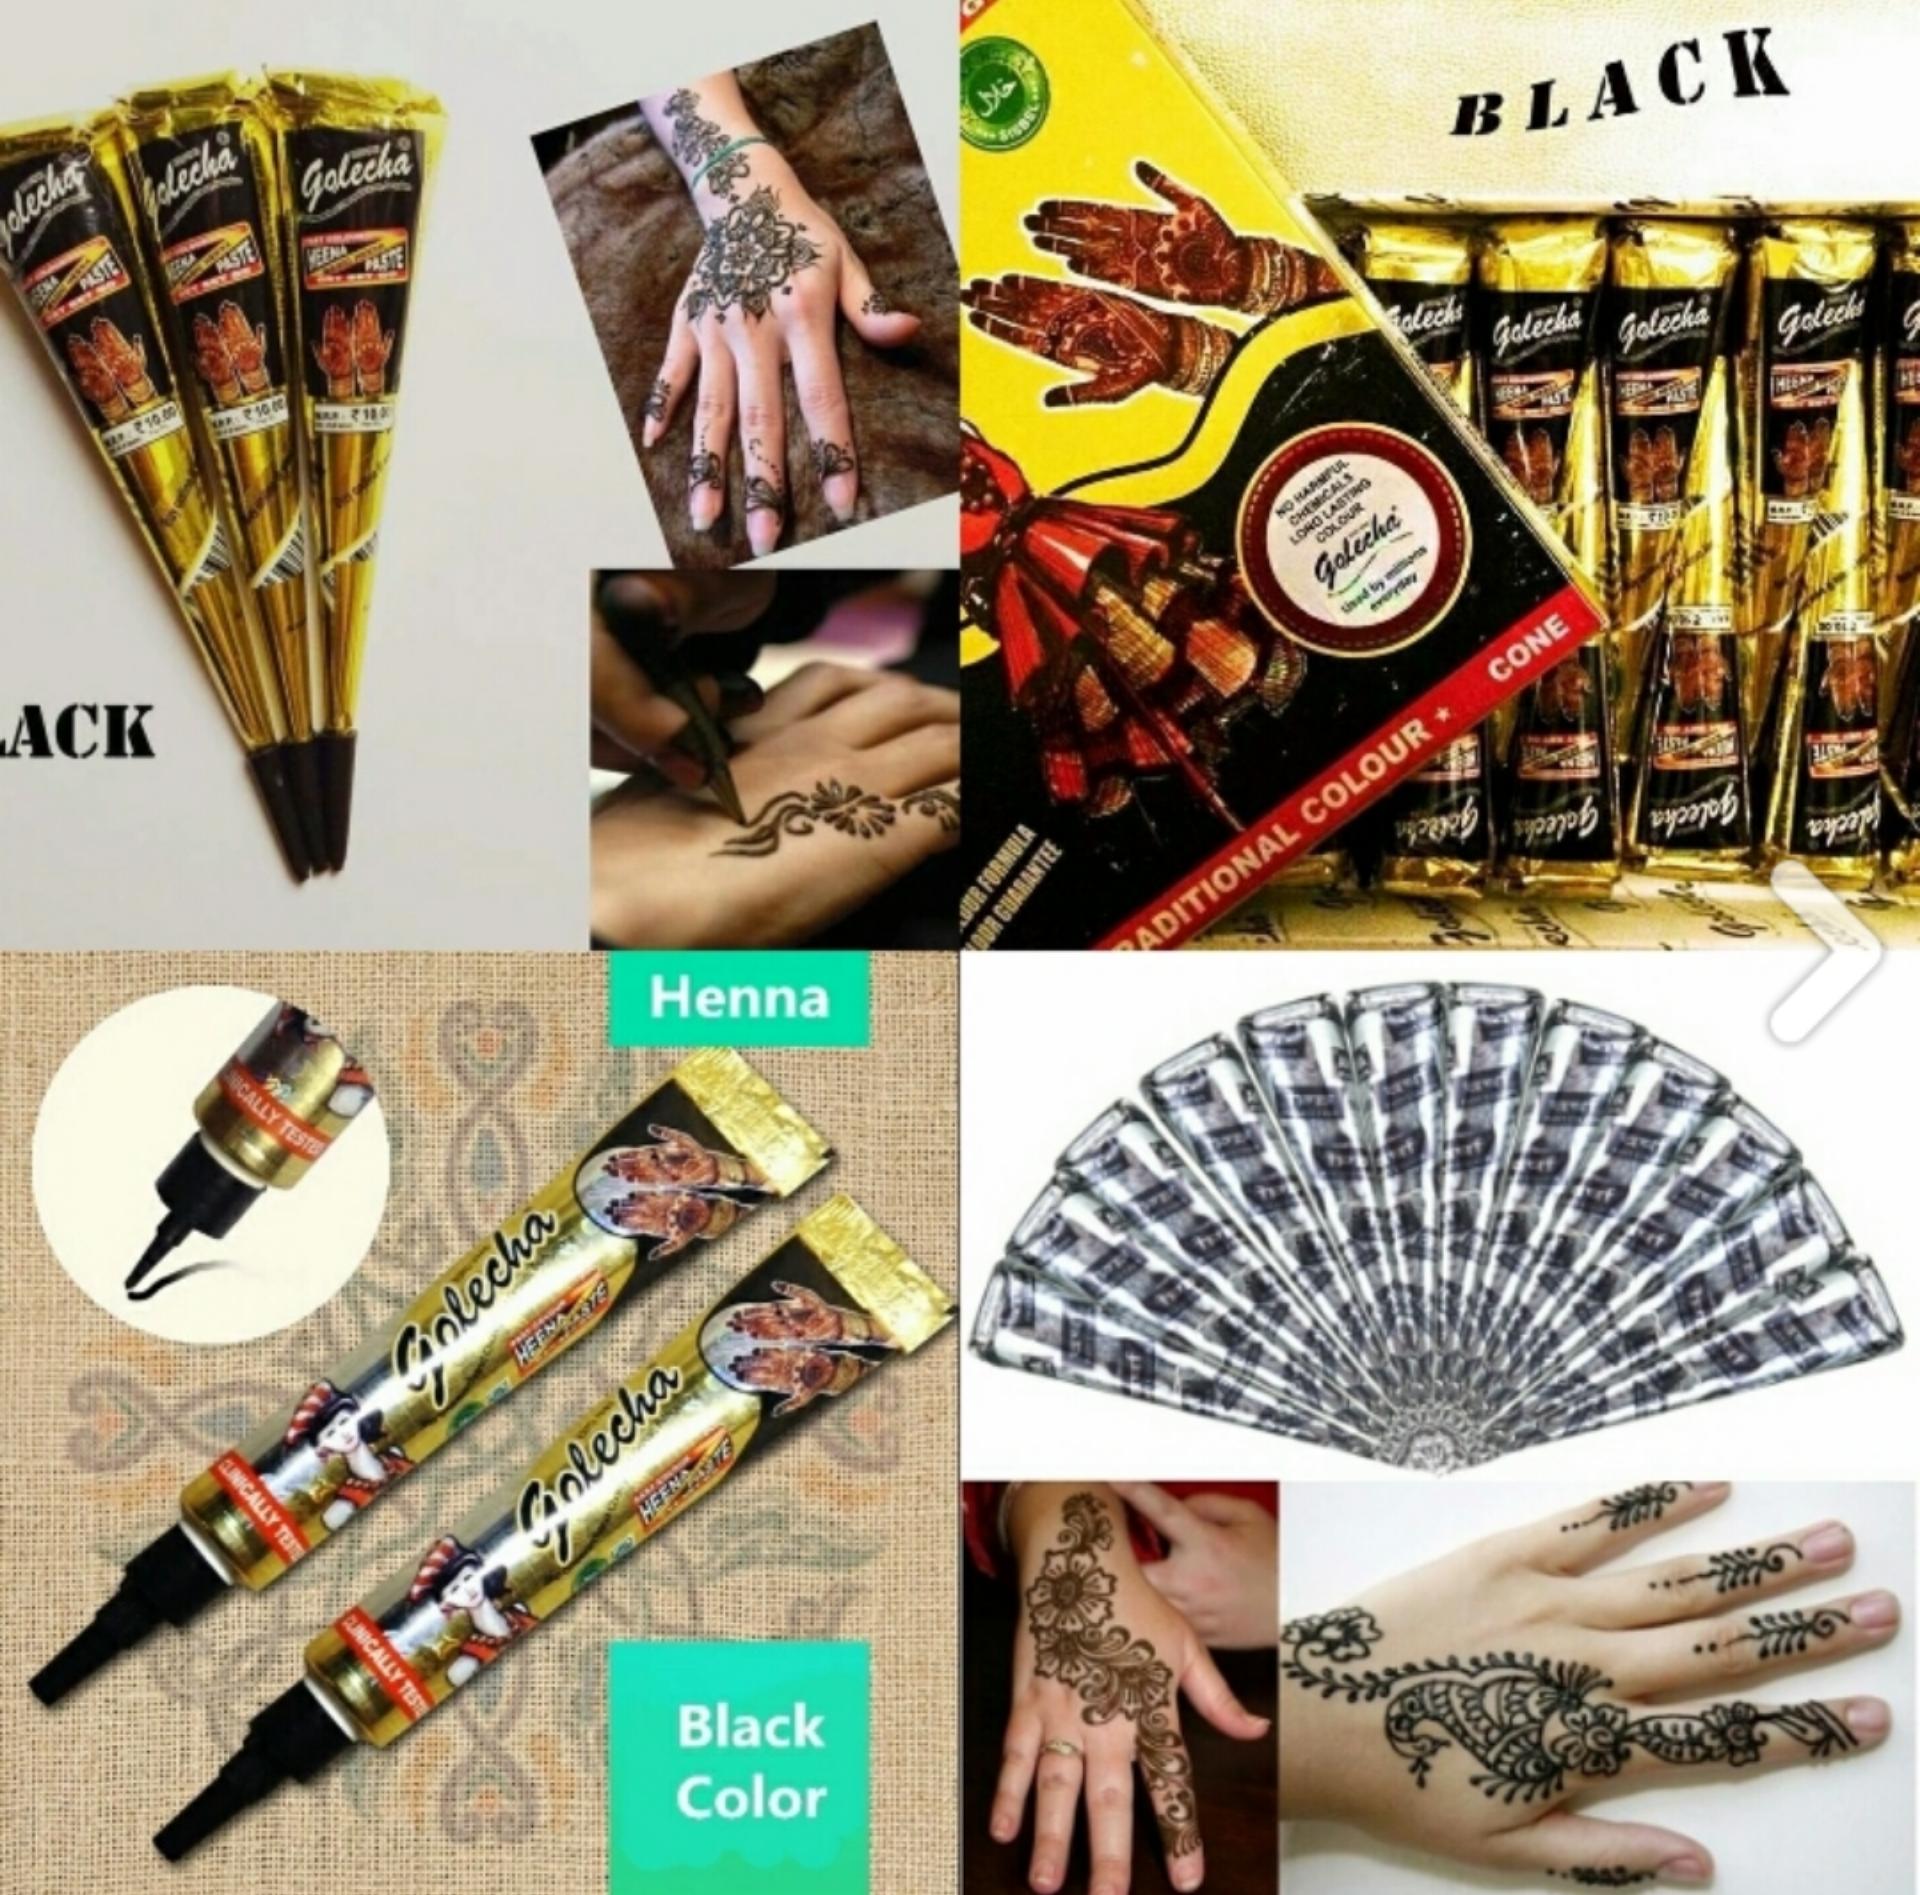 黒いヘナタトゥーよく染まる 安い 早い トラブル こちらのパッケージに注意